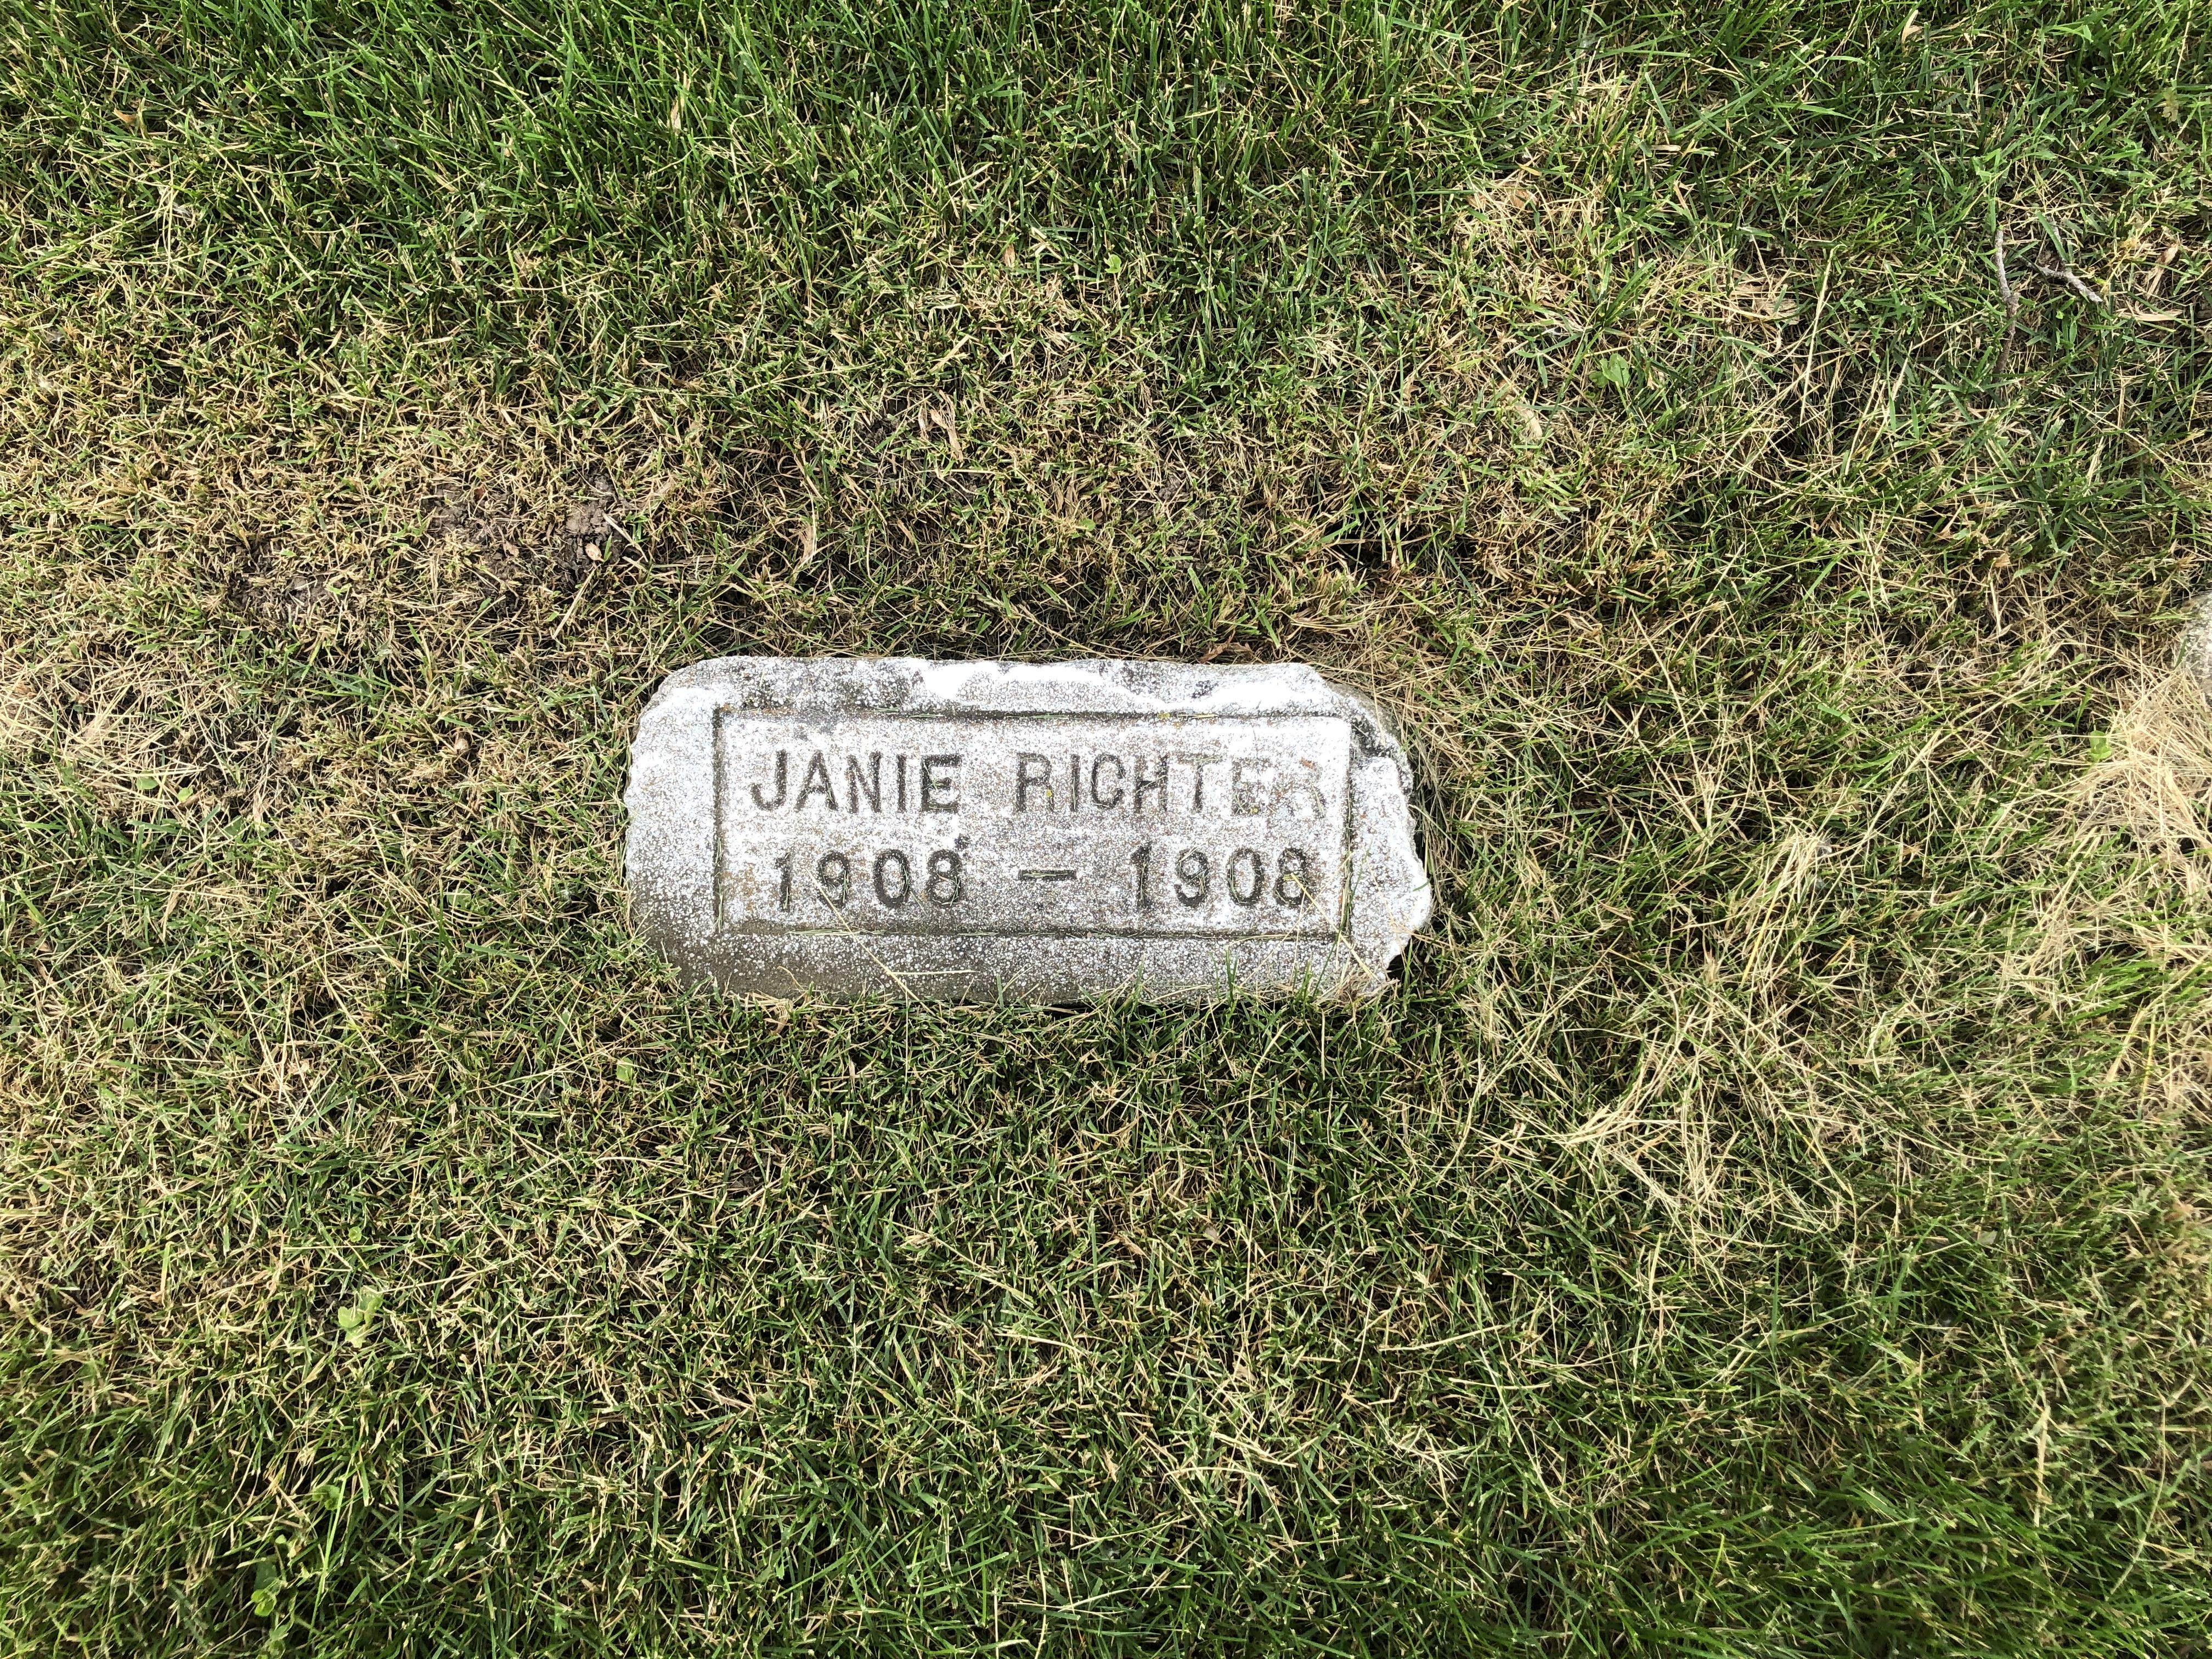 Janie Richter Headstone